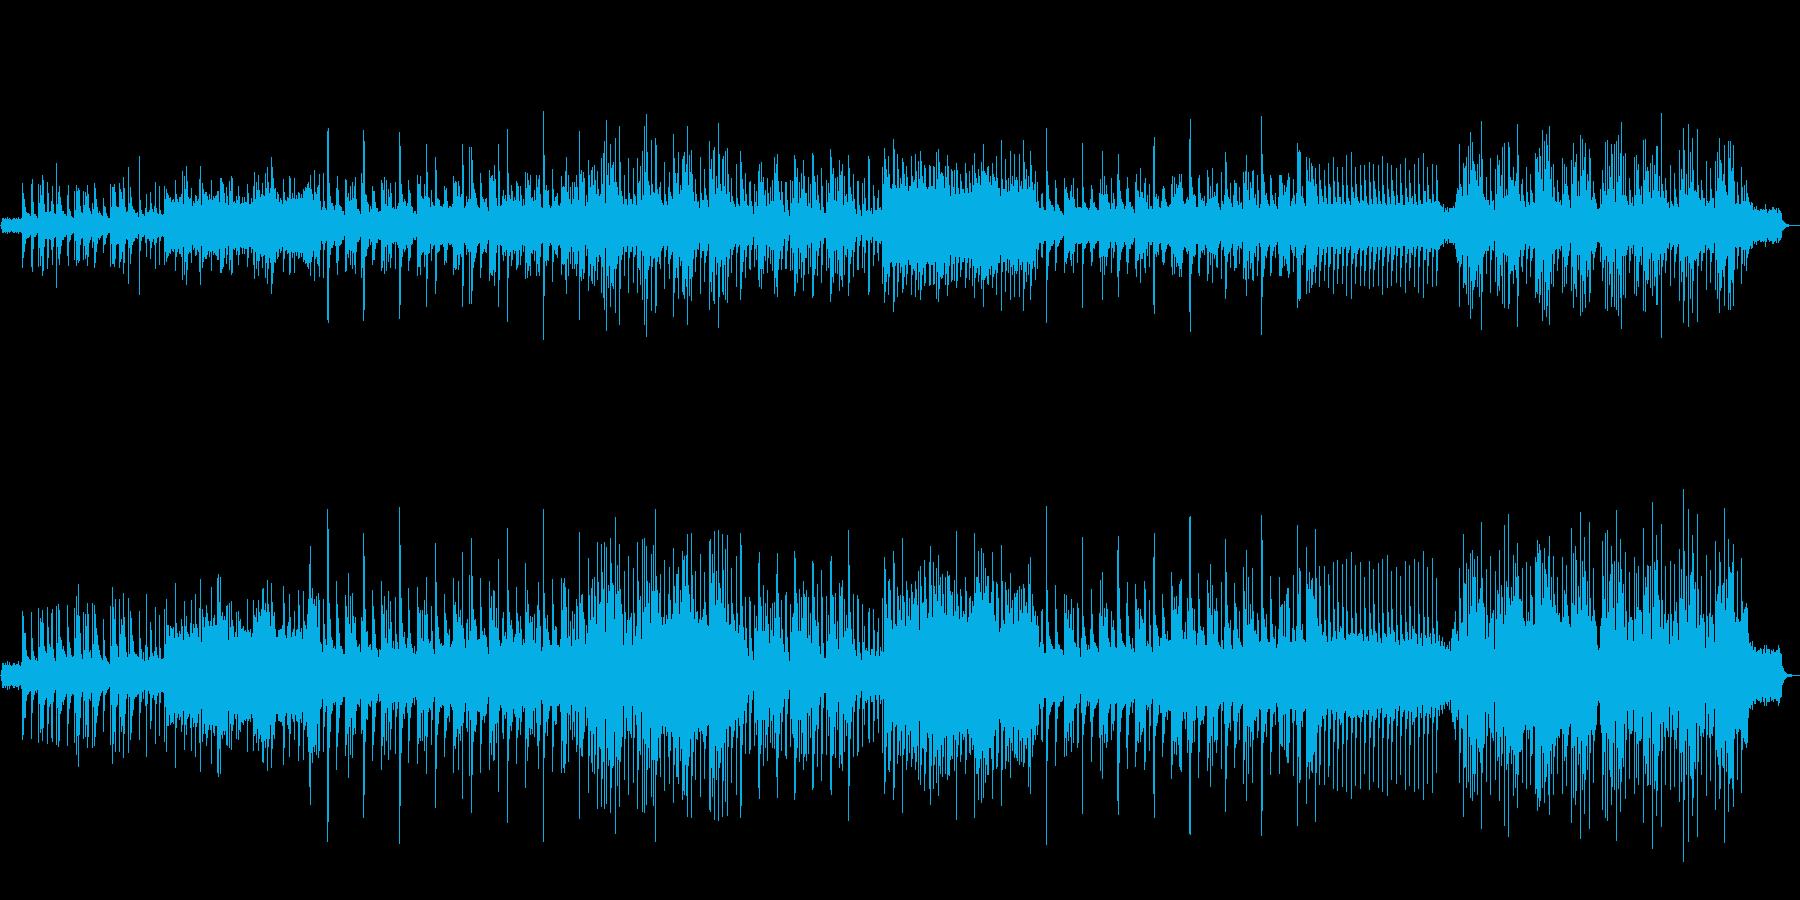 古城をイメージしたBGMの再生済みの波形